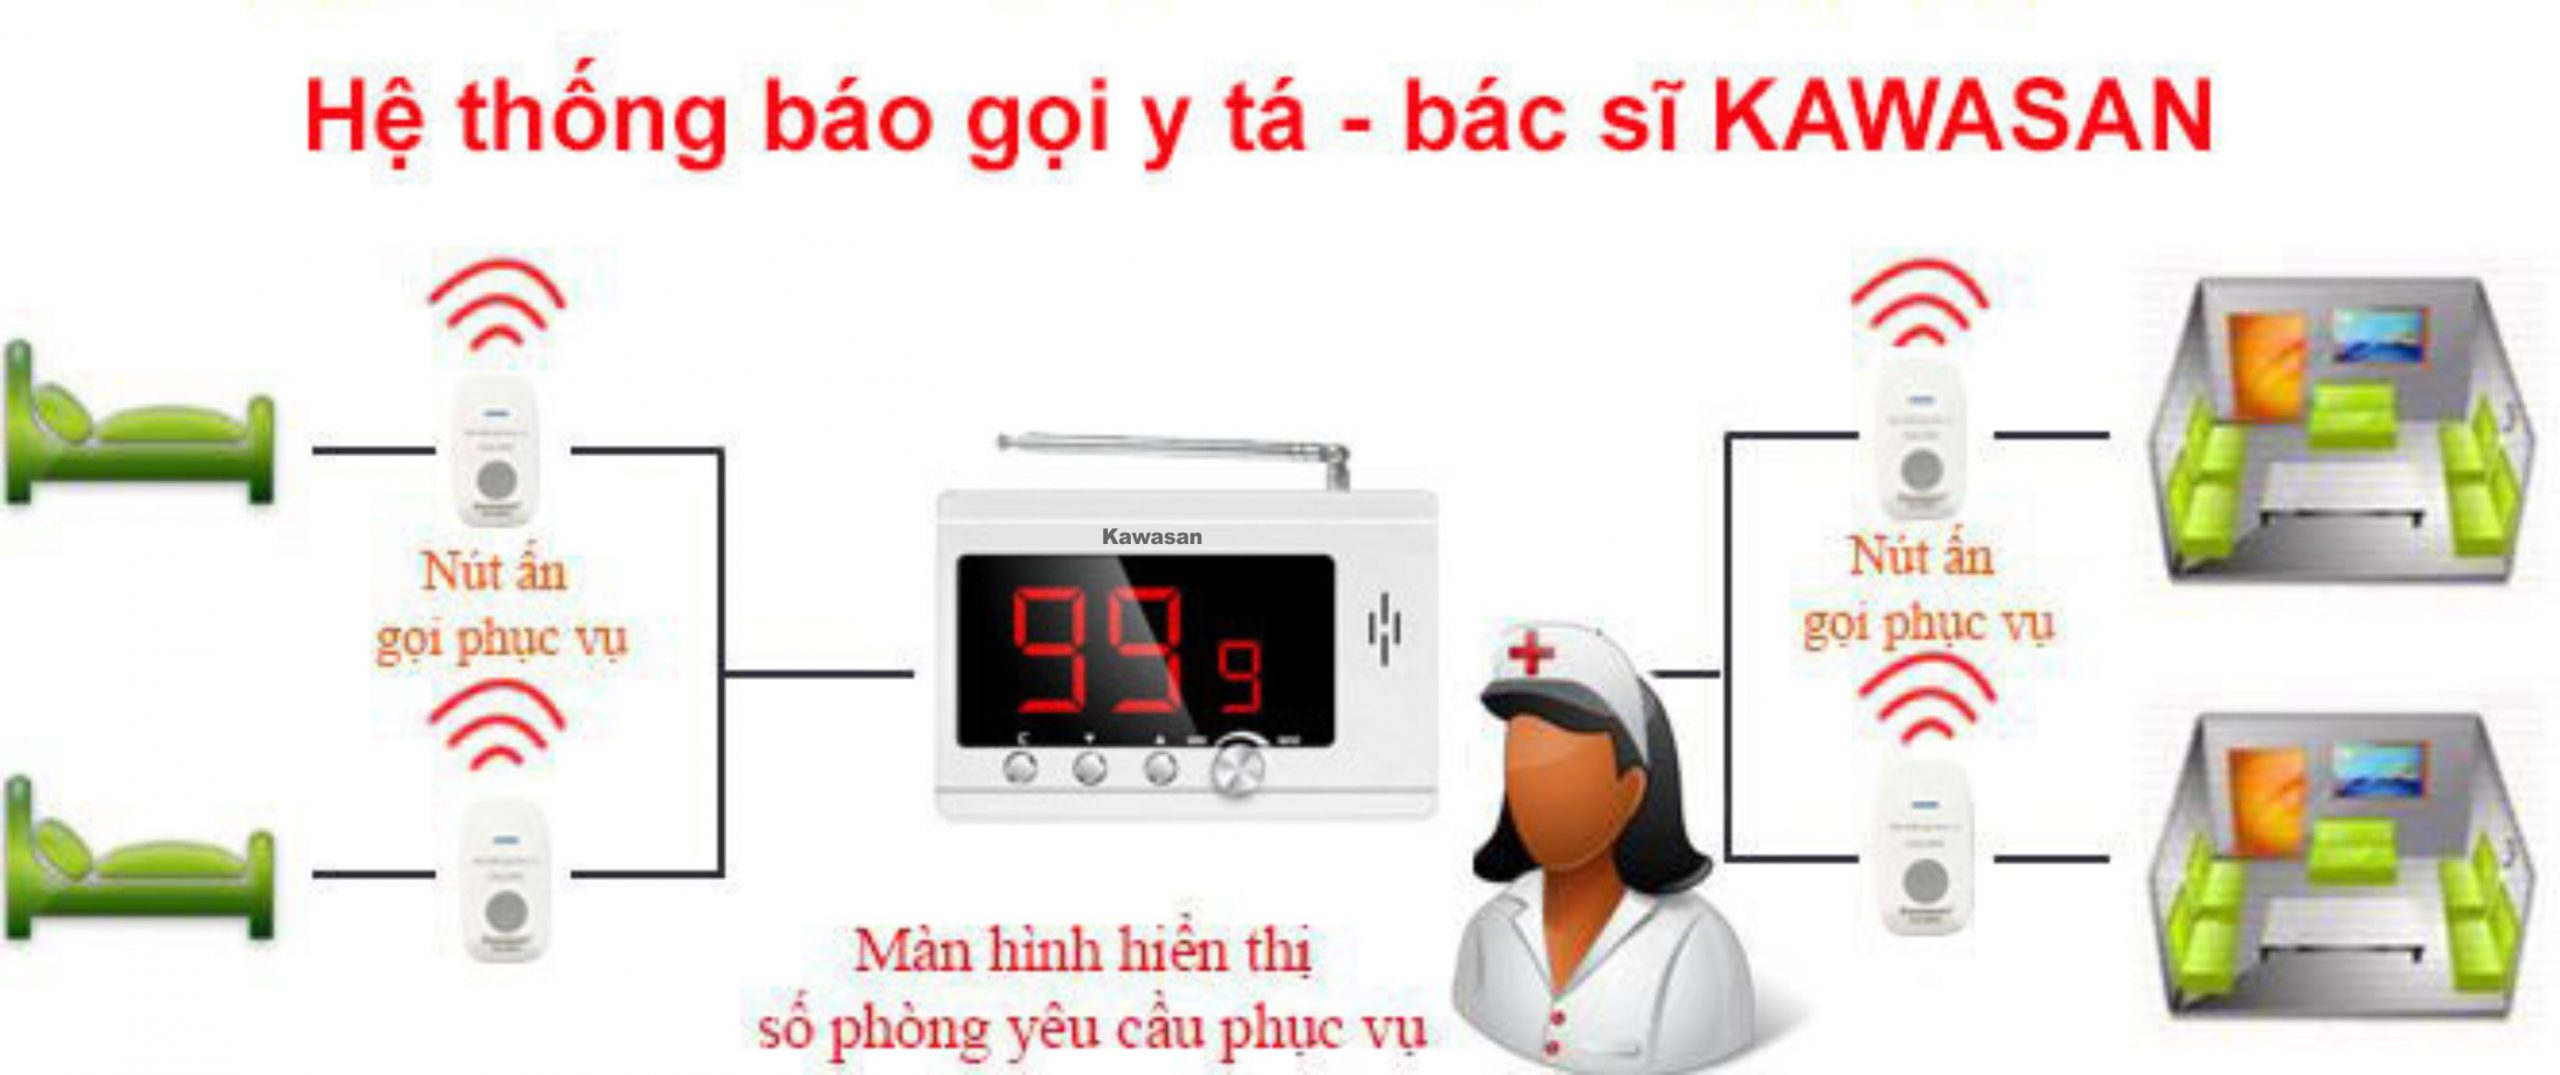 Hệ thống báo gọi y tá - bác sĩ Kawasan